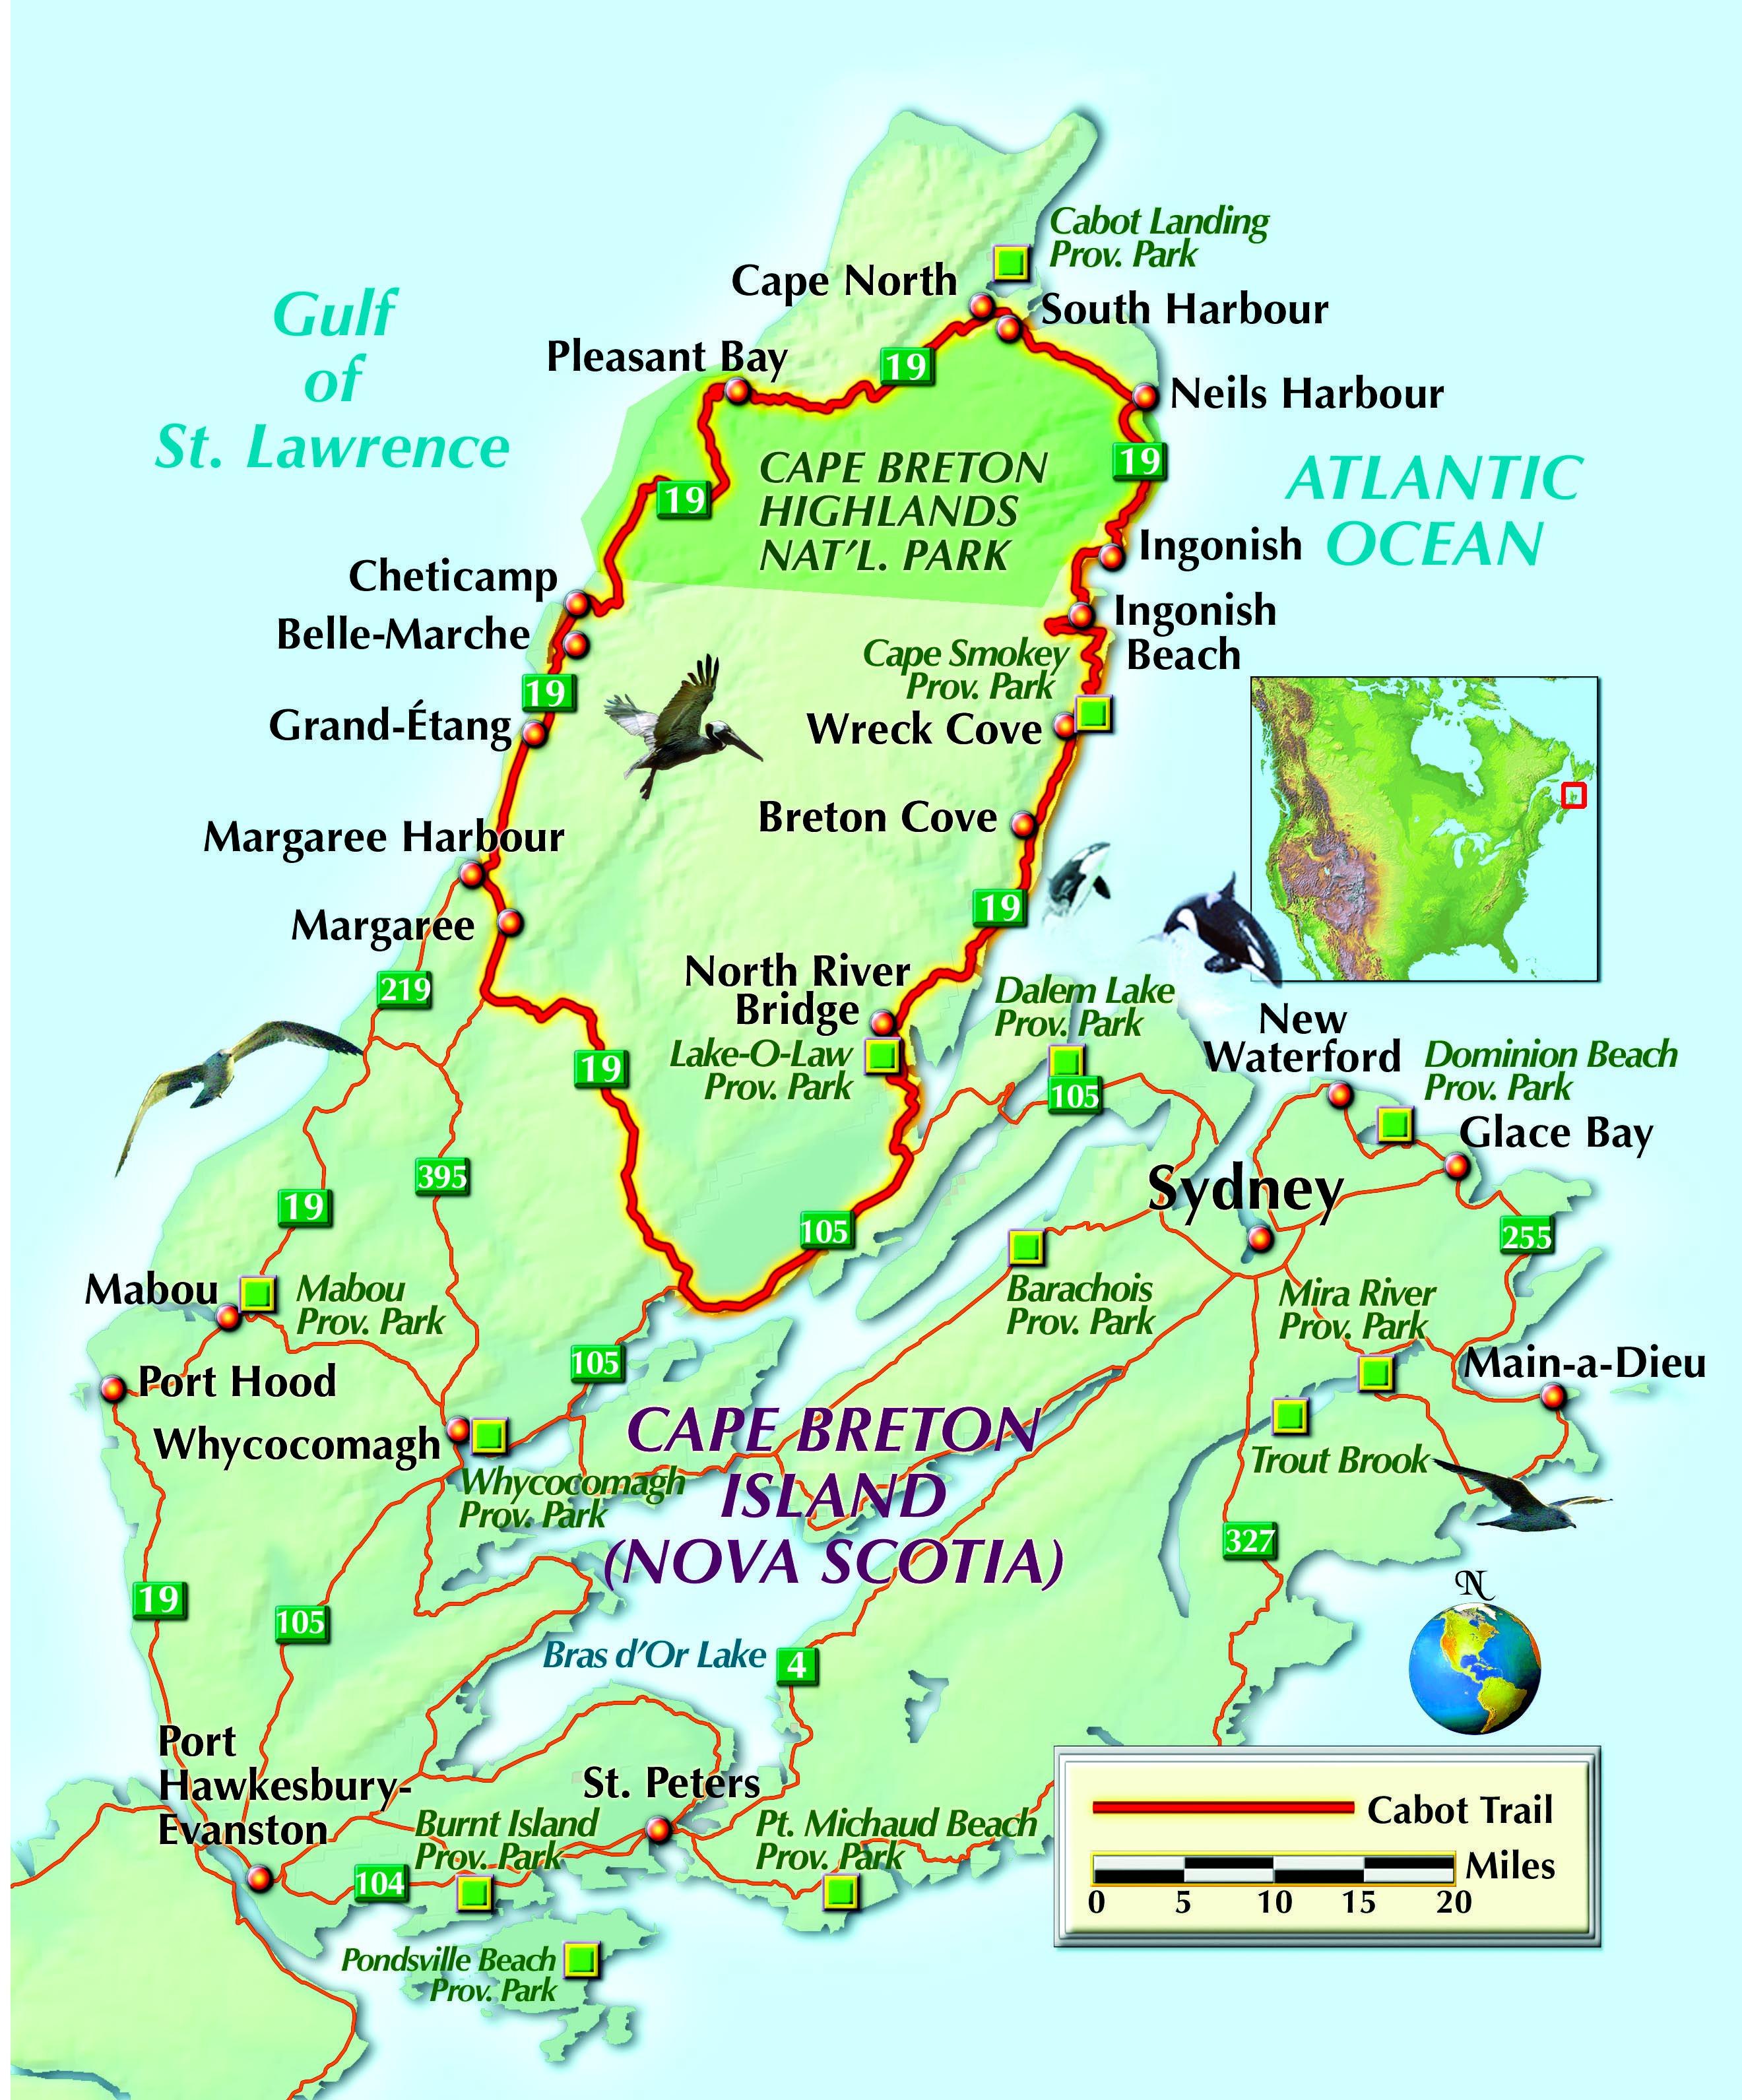 Résultats de recherche d'images pour «carte cabot trail»